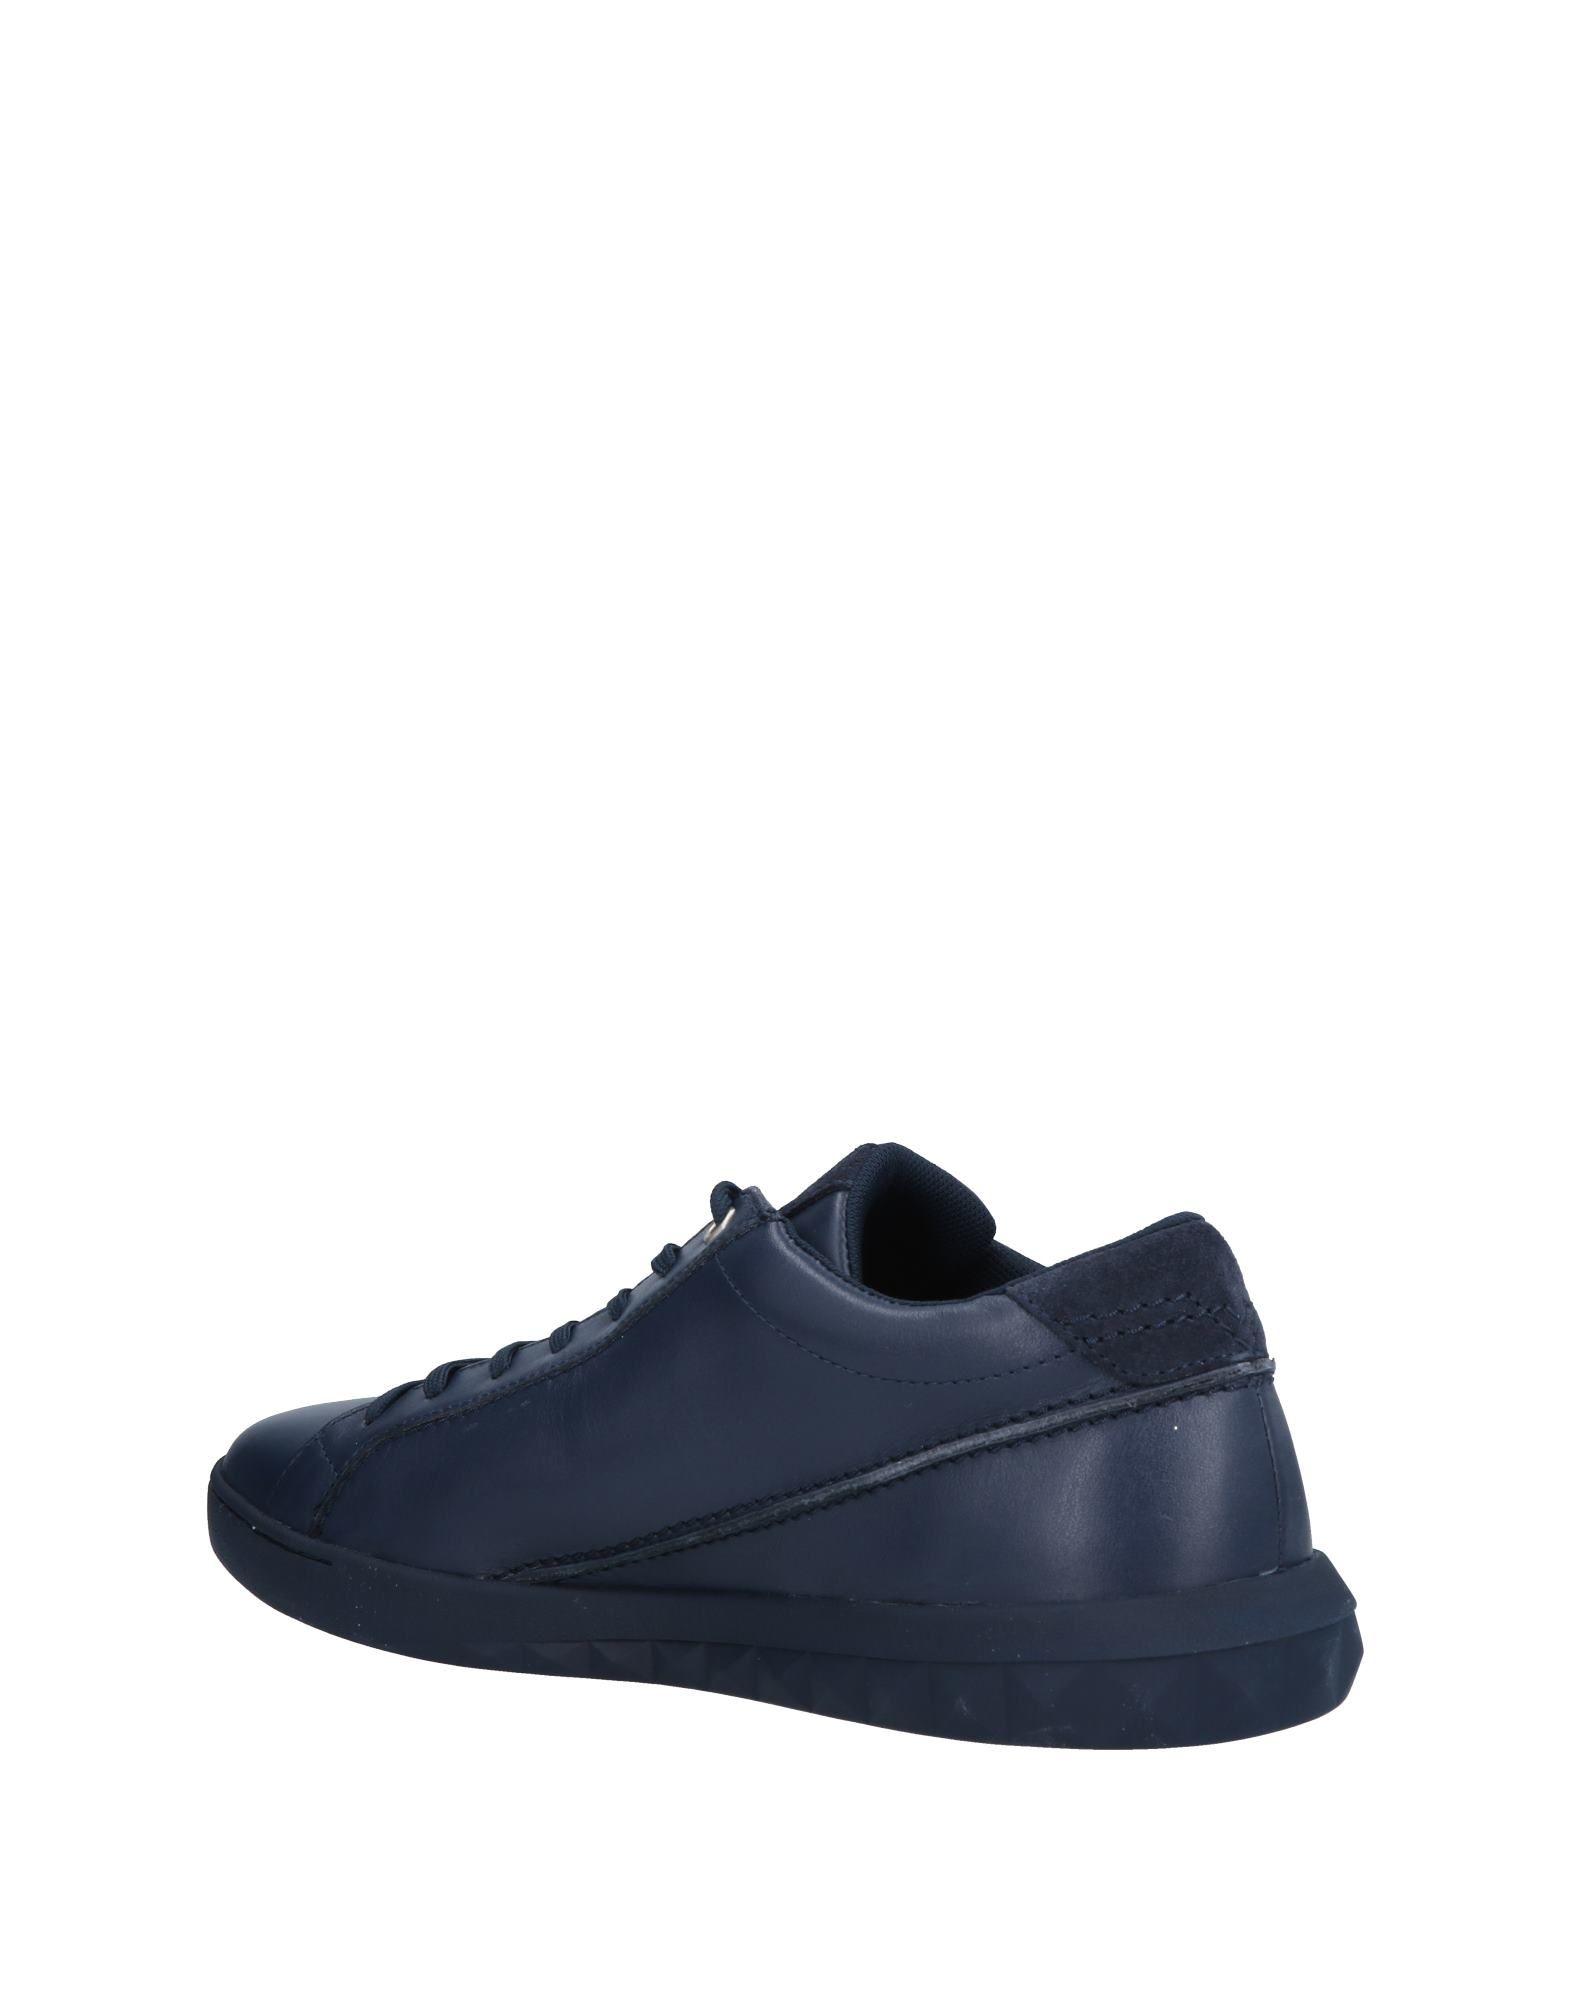 Diesel Sneakers Herren  11491345BS Heiße Schuhe 8538a4